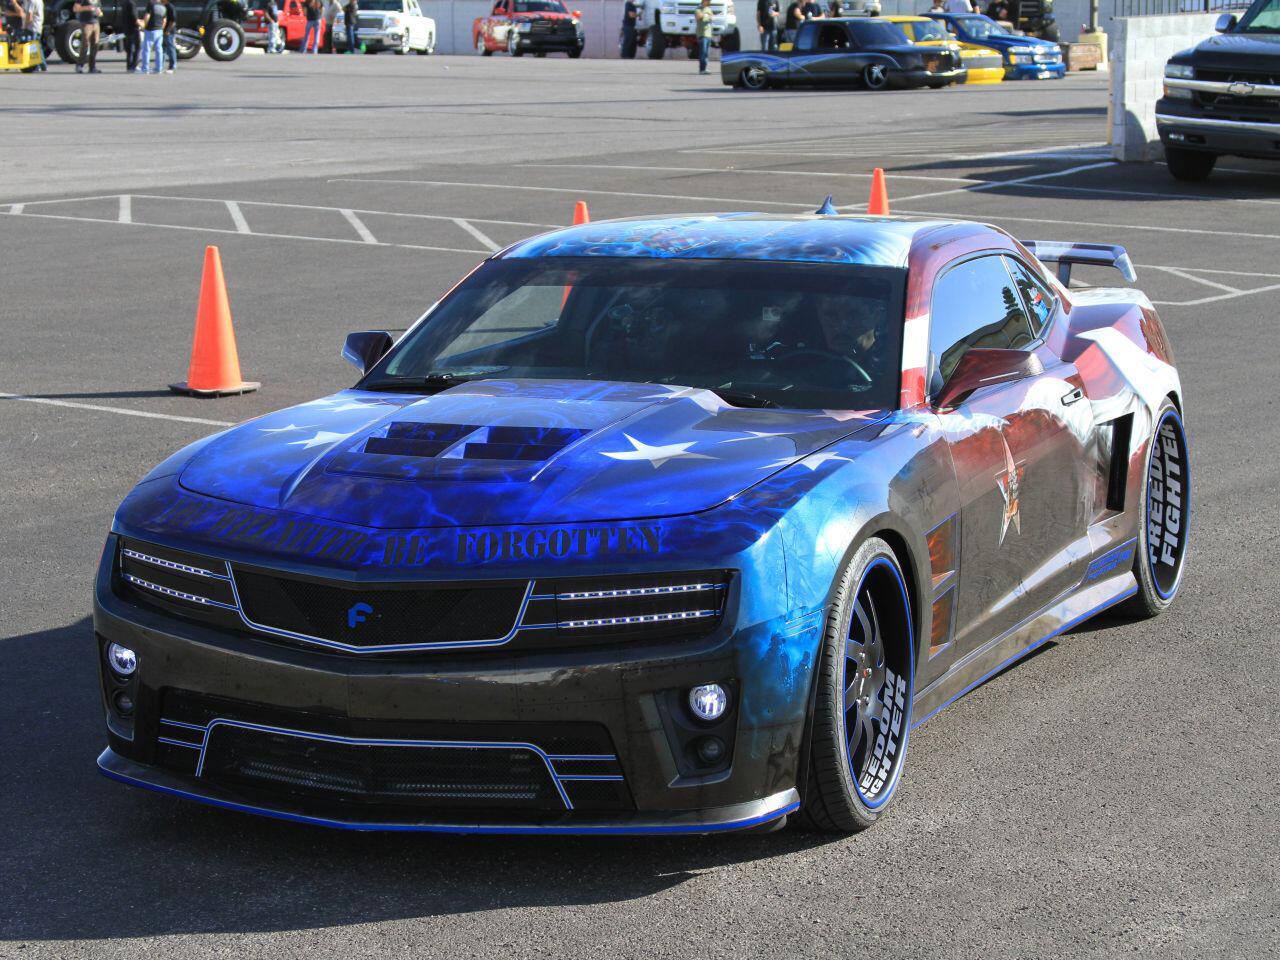 Bild zu SEMA 2013 in Las Vegas: Der Chevrolet Camaro passte perfekt zur Messe